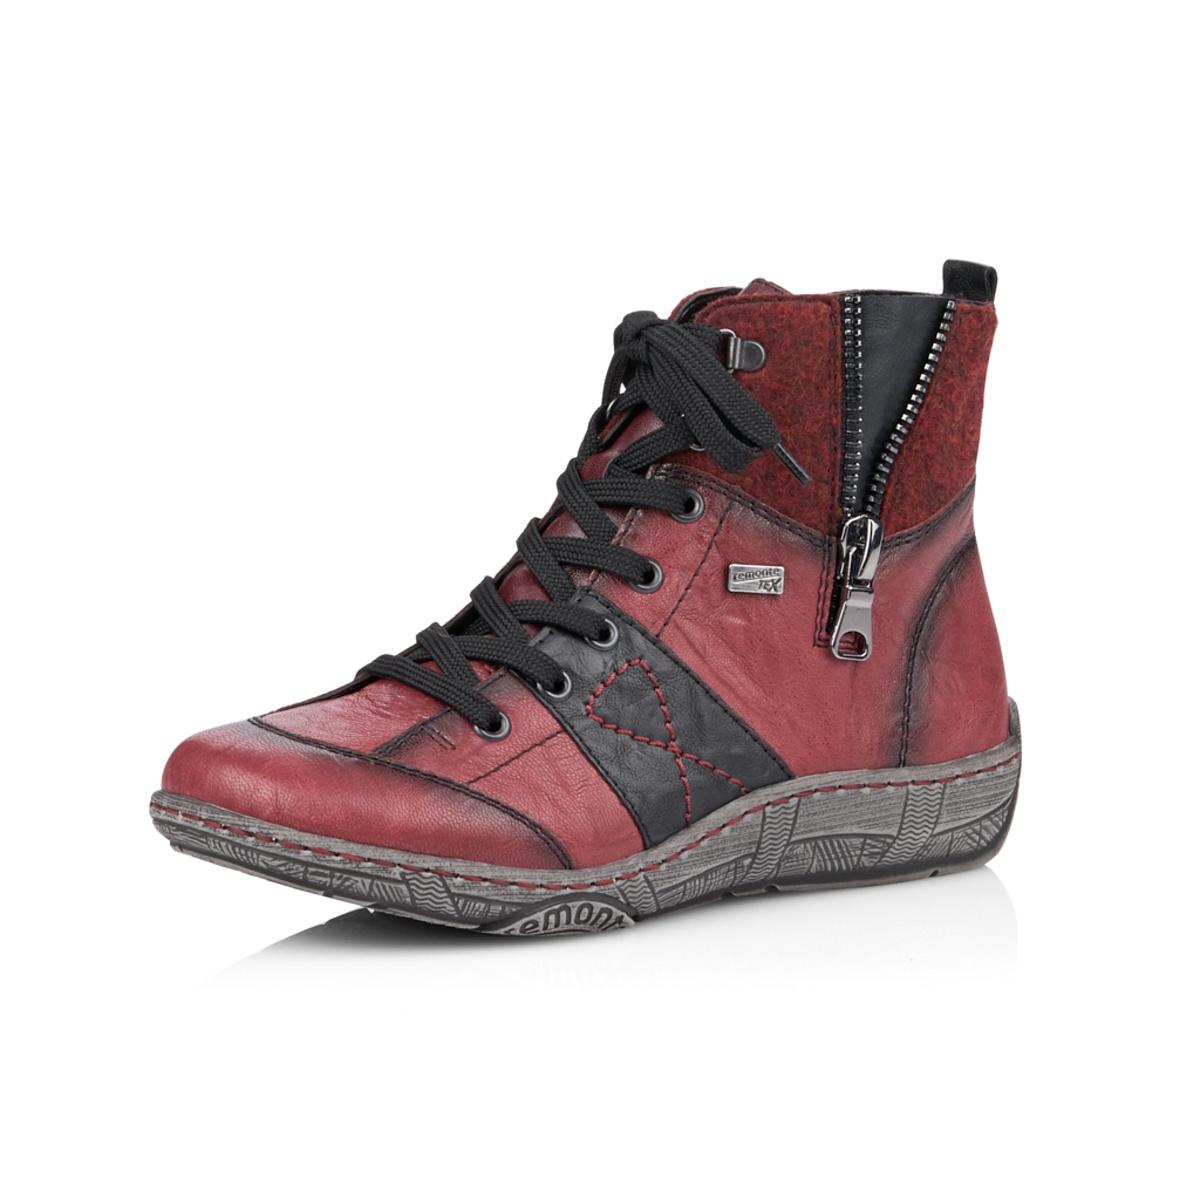 ce43d46d99 detail Dámska obuv REMONTE BY RIEKER D3891 35 ROT KOMBI H W 8